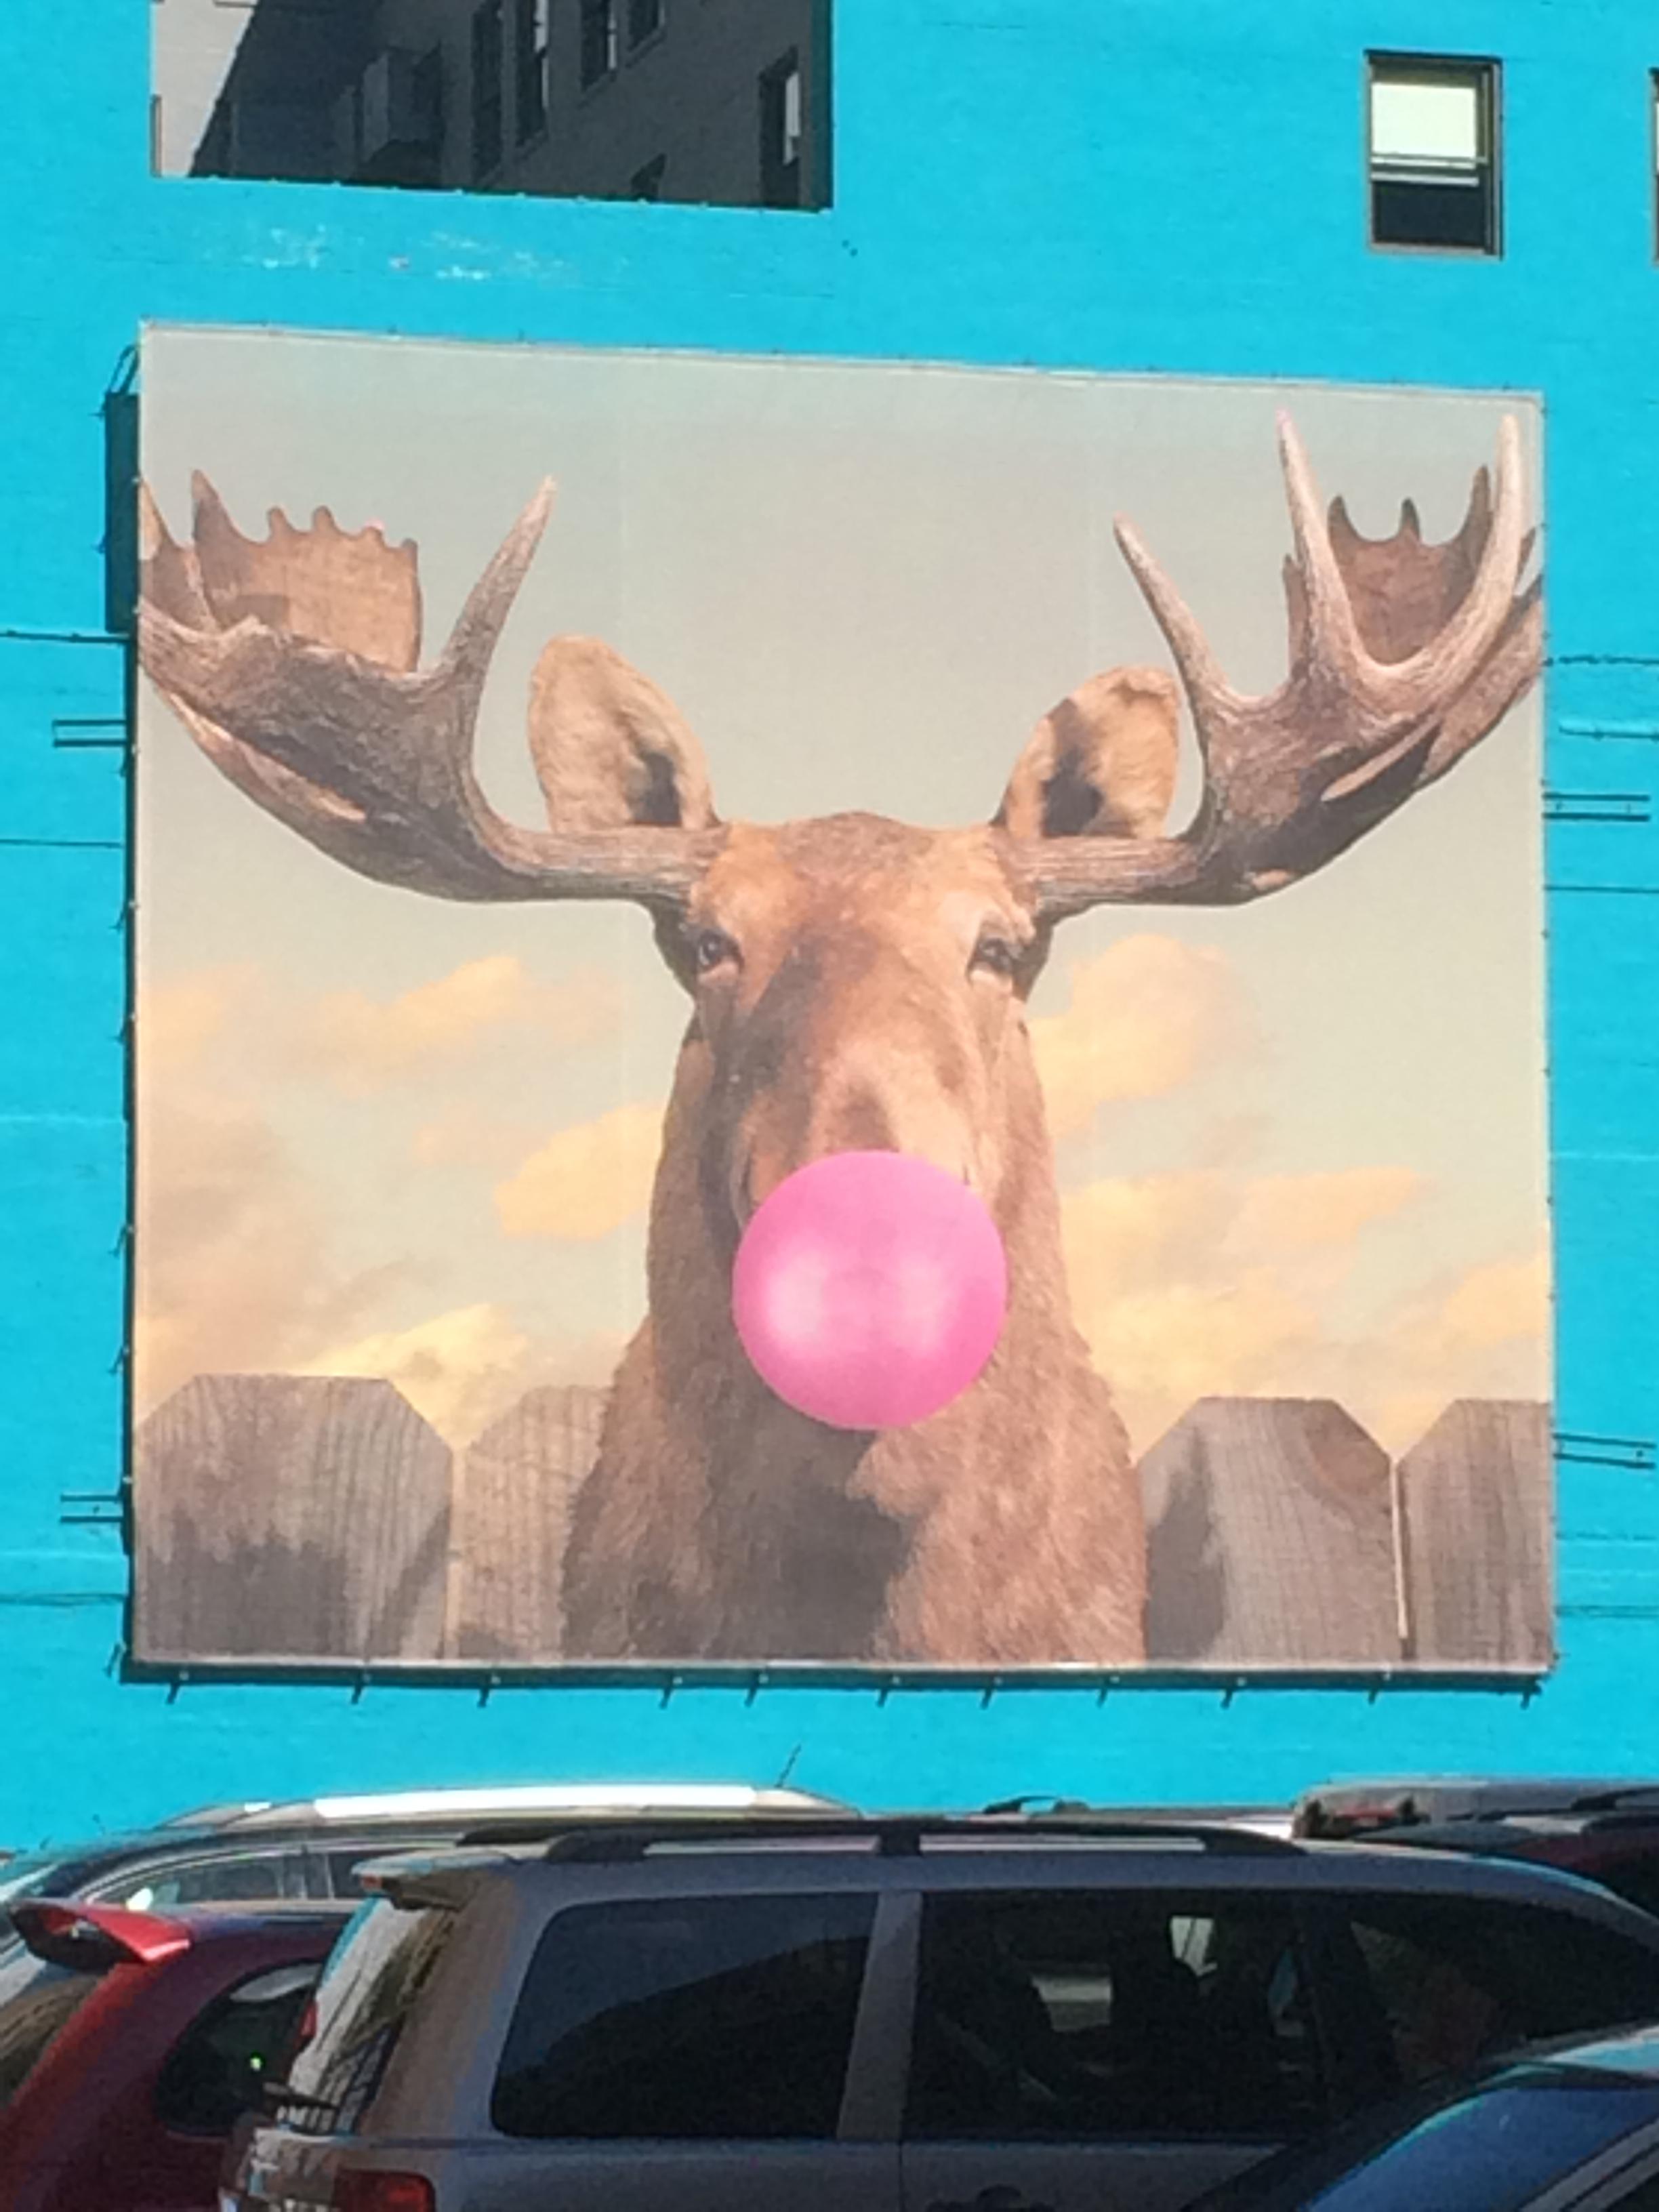 Wabash Arts Corridor: An Outdoor Museum of Street Art, Chicago